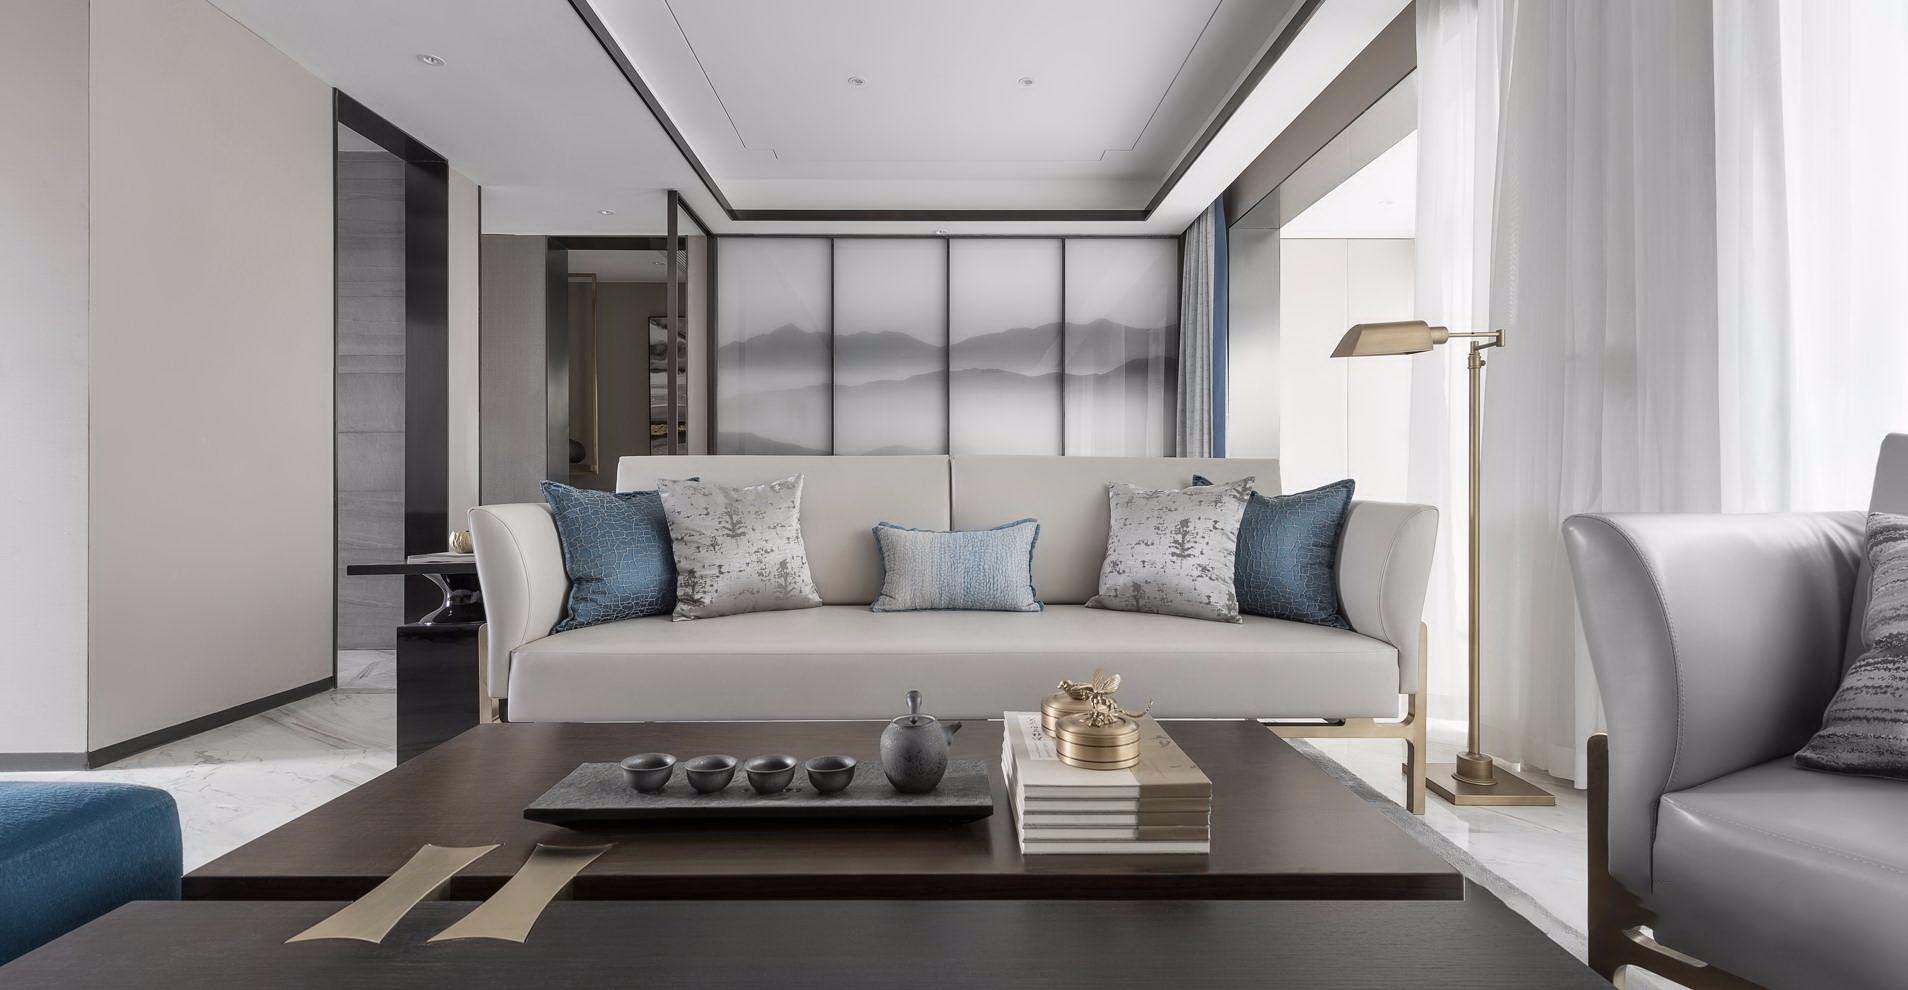 新中式风格别墅装修沙发设计图